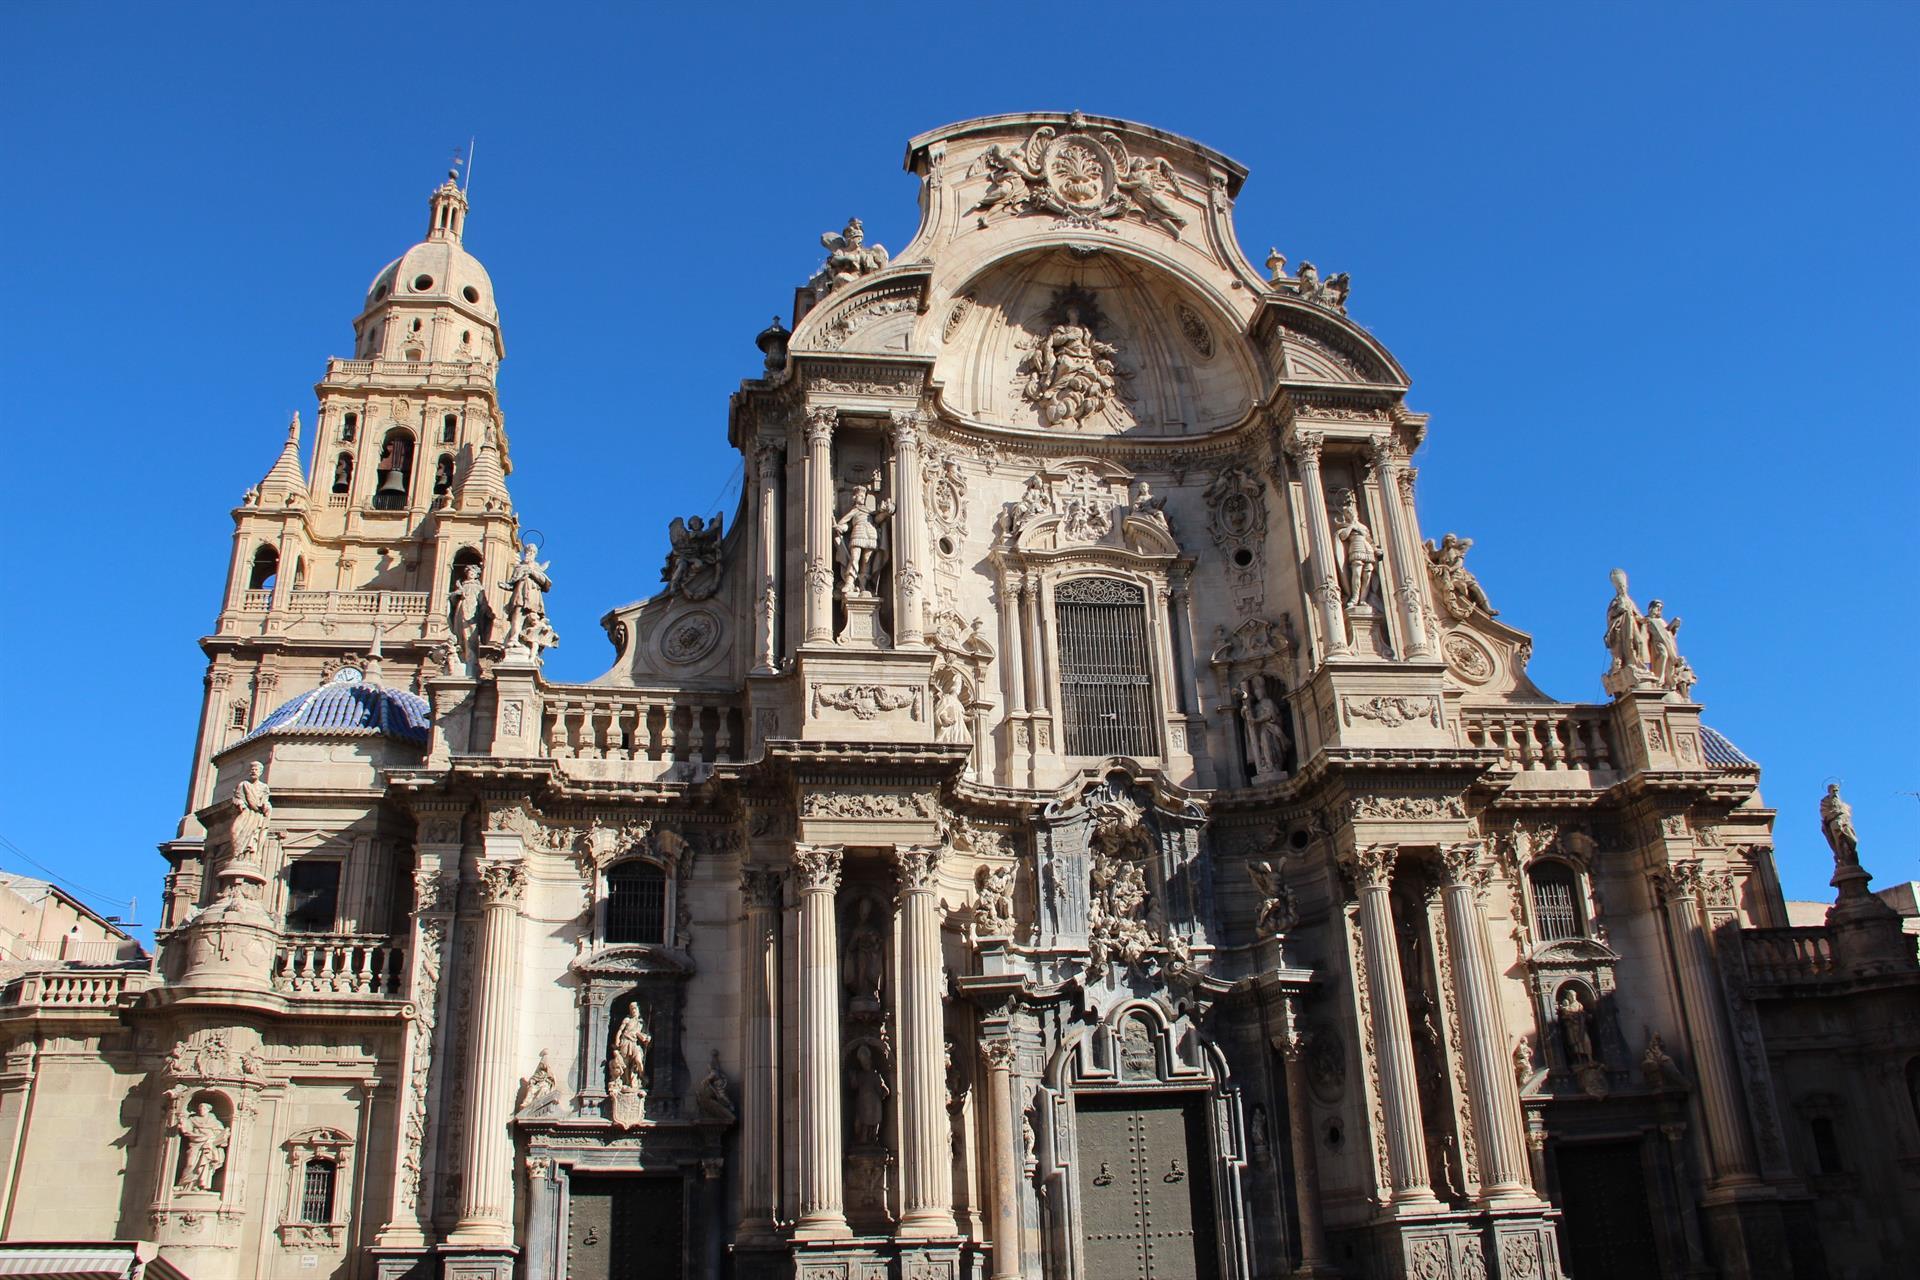 La Fiscalía abrió 195 diligencias por delitos contra el patrimonio histórico en 2018